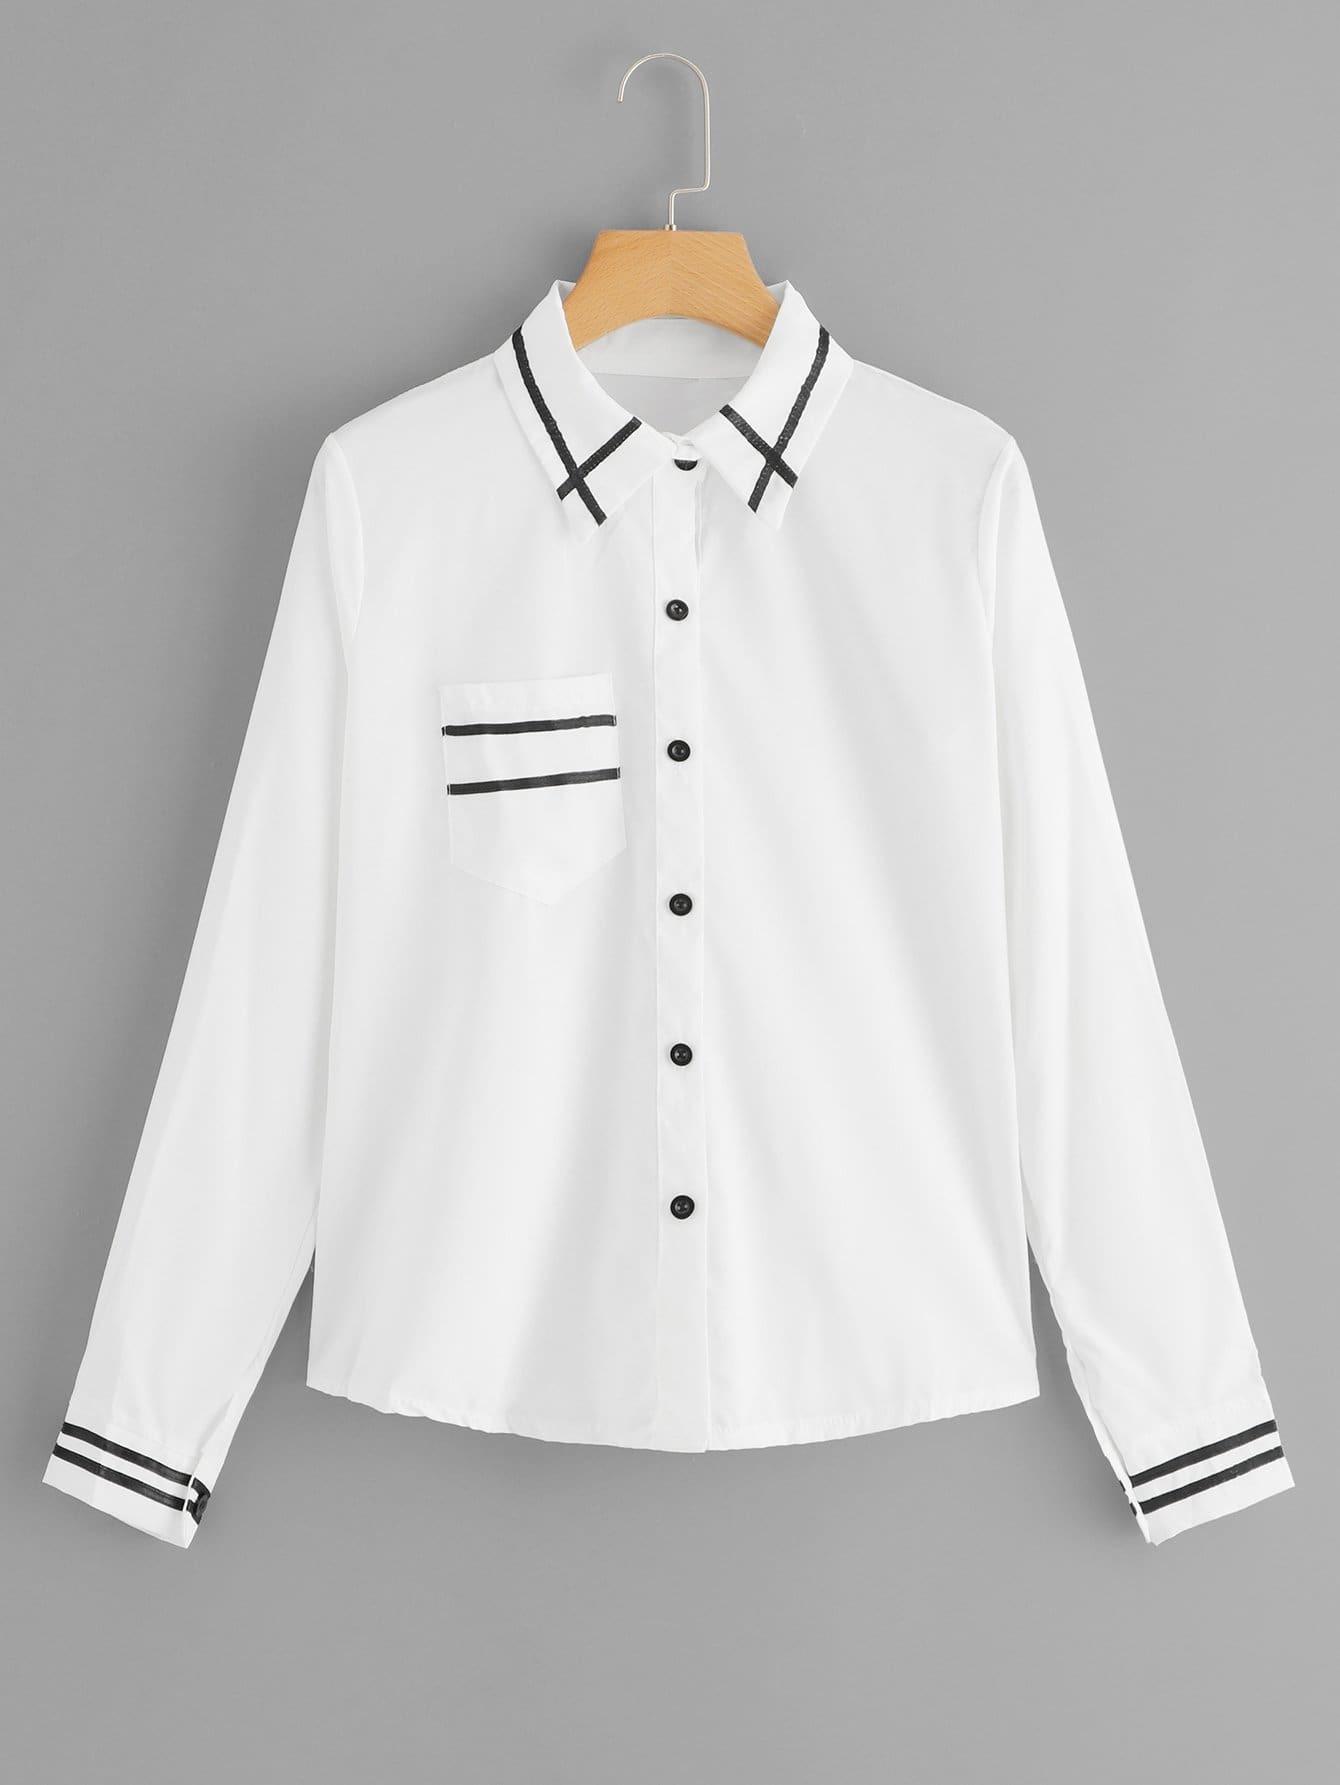 Купить Контрастная тонкая-полосатая однобортная футболка, null, SheIn